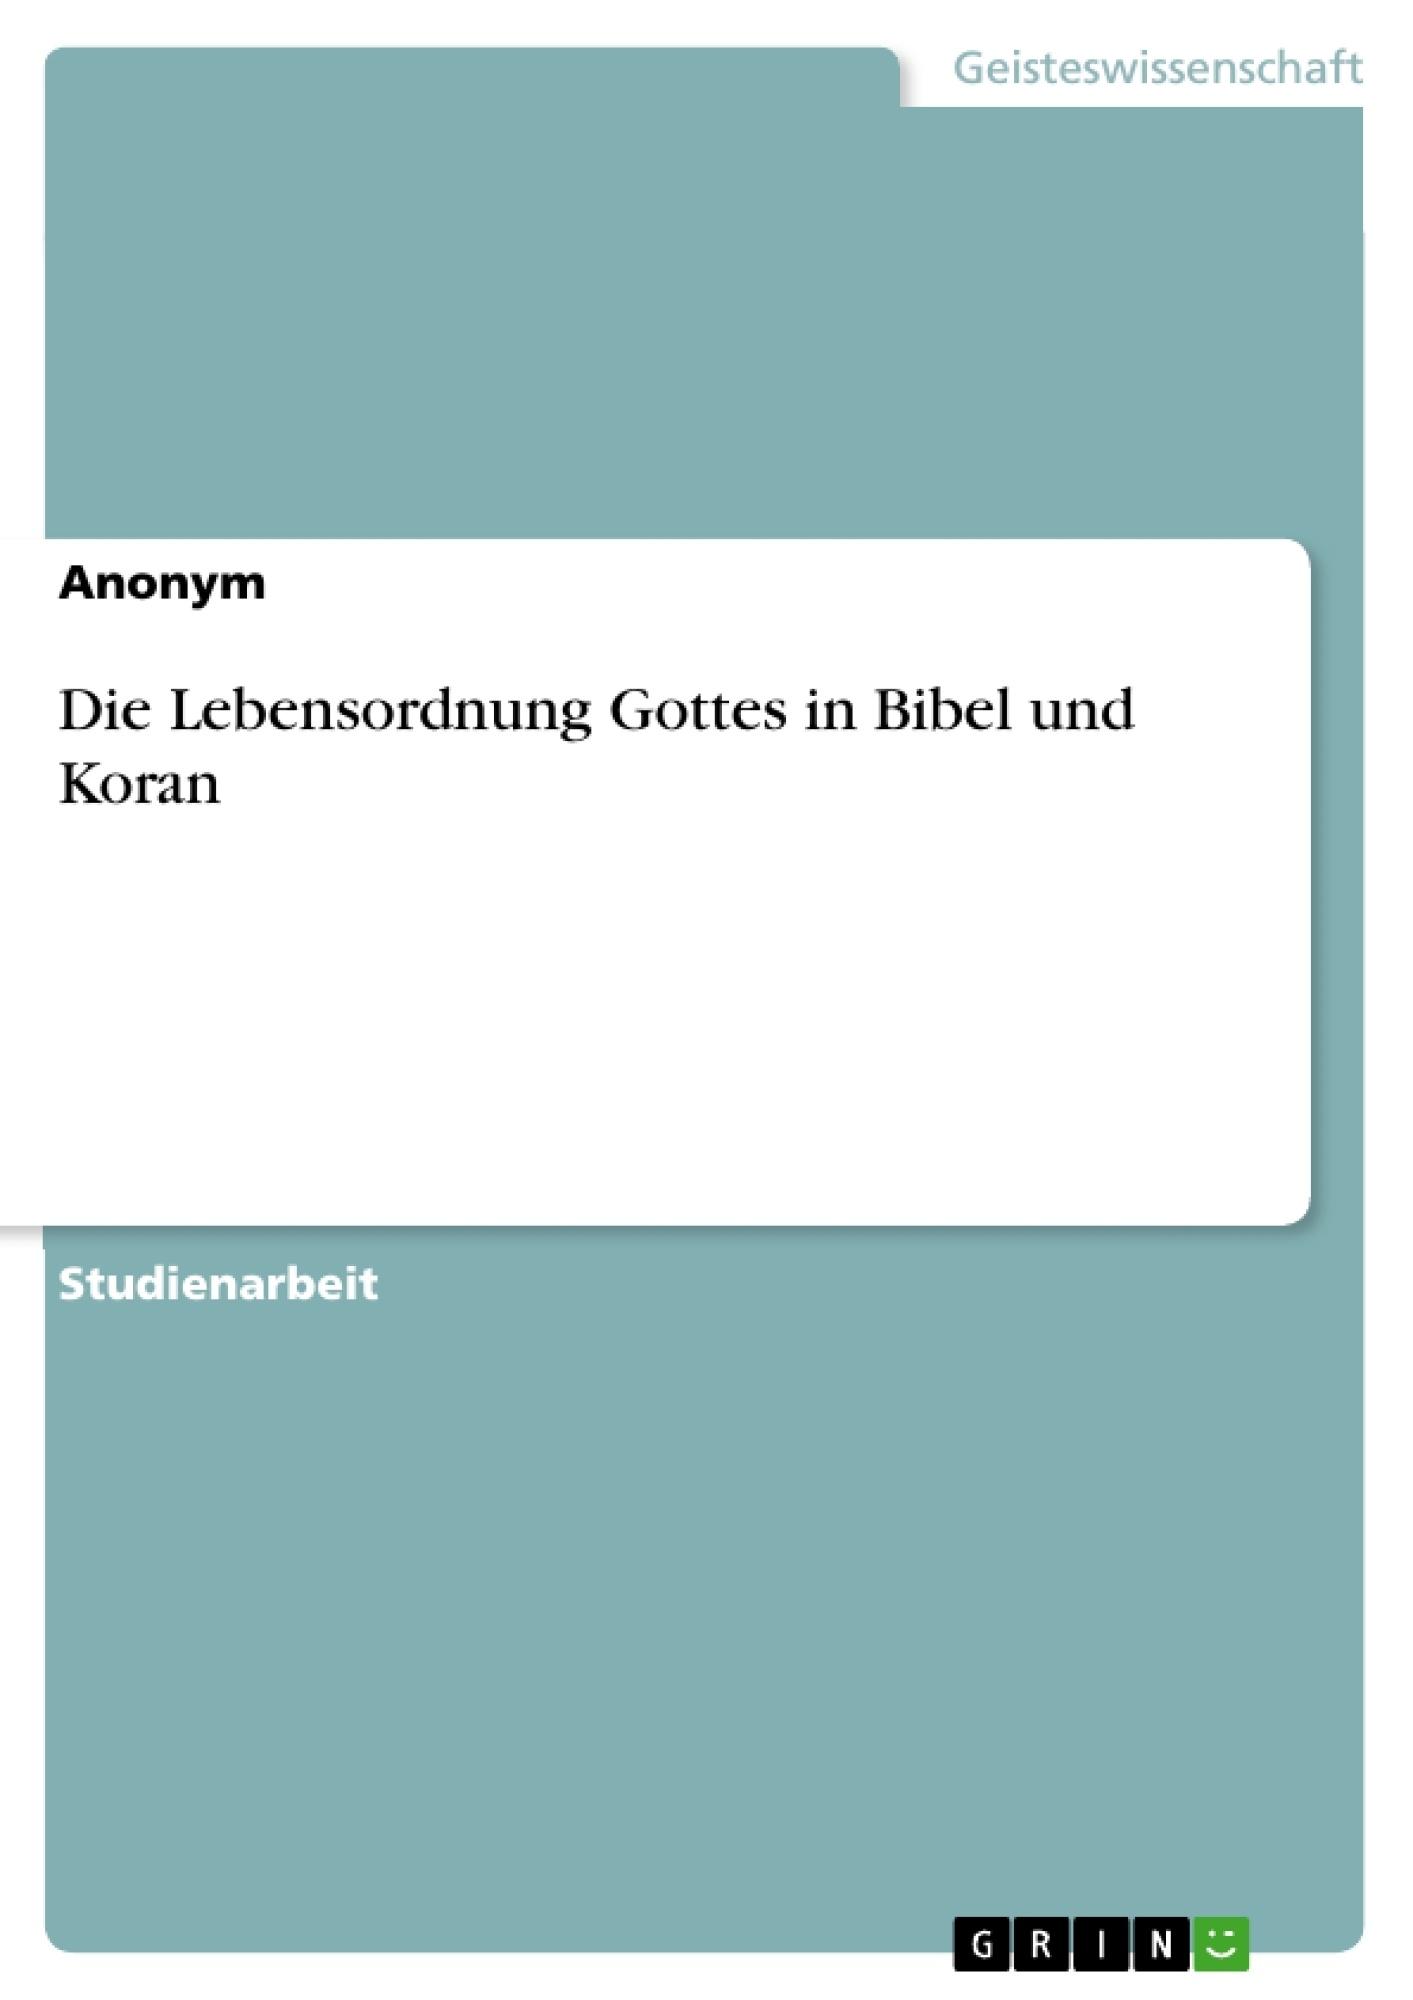 Titel: Die Lebensordnung Gottes in Bibel und Koran